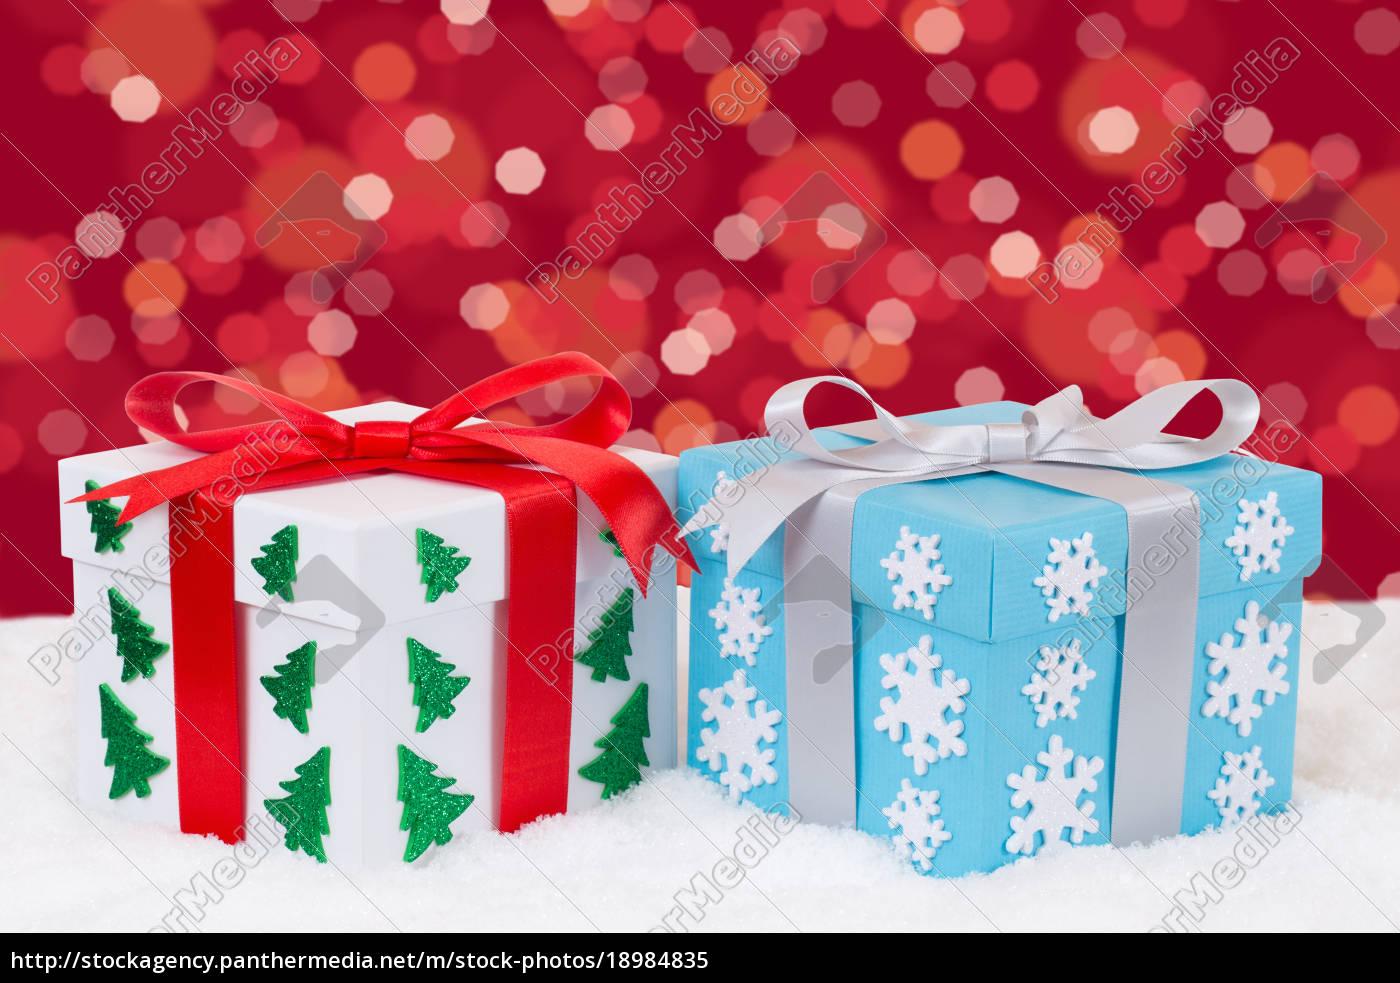 Weihnachtsgeschenke Geschenke.Lizenzfreies Bild 18984835 Weihnachtsgeschenke Geschenke Schenken An Weihnachten